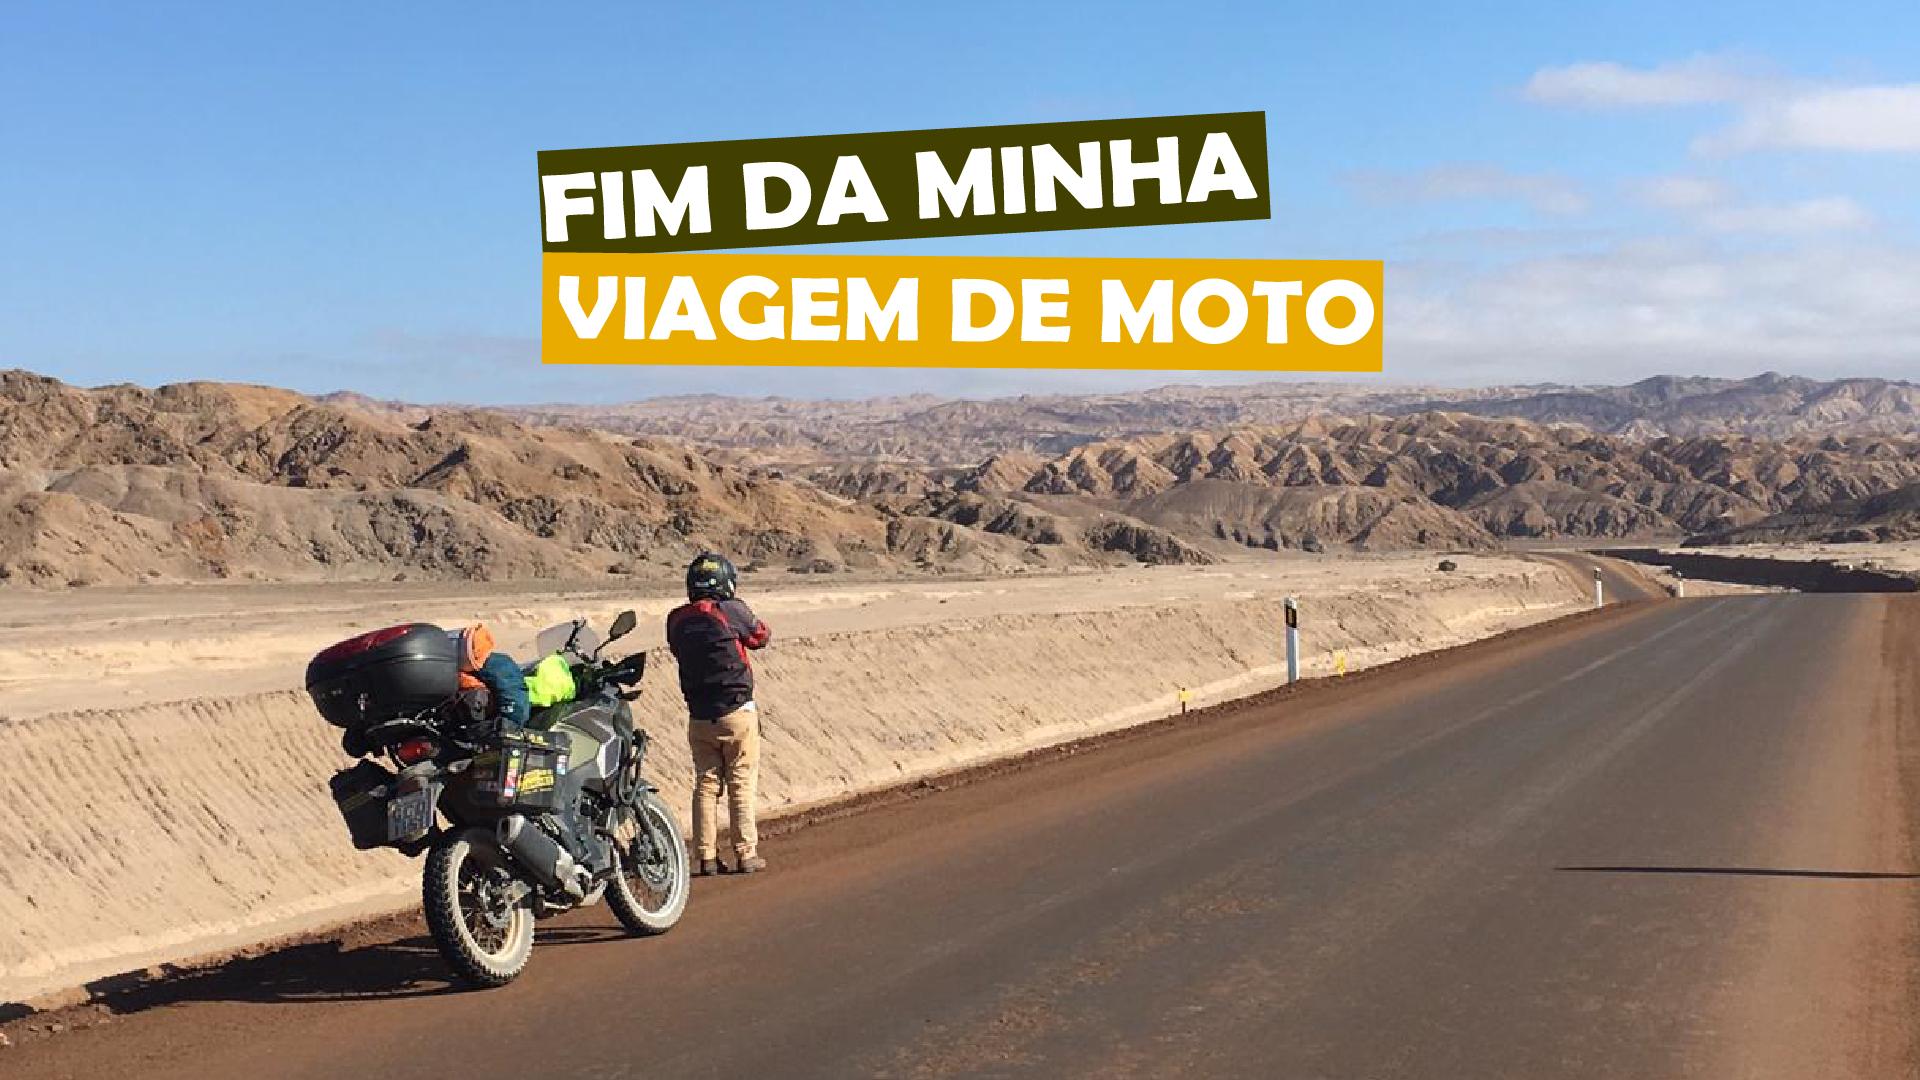 You are currently viewing Fim da minha viagem de moto